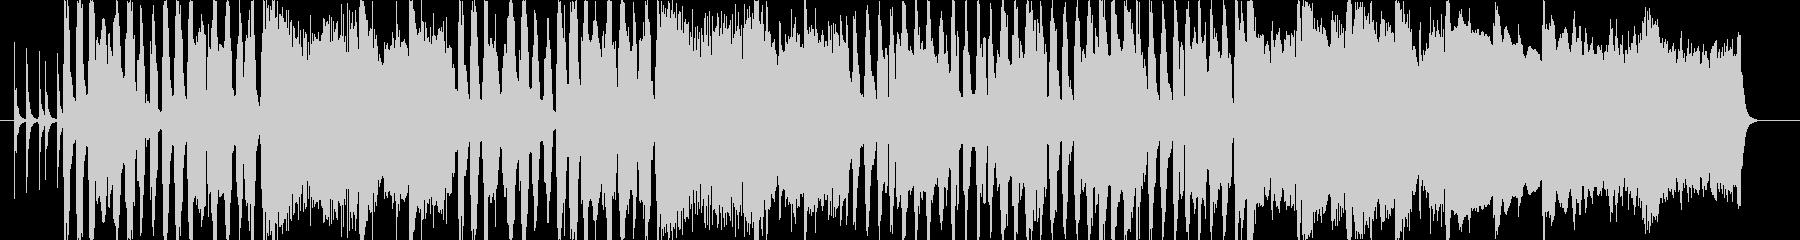 トロンボーンのメロディでまったりとした曲の未再生の波形